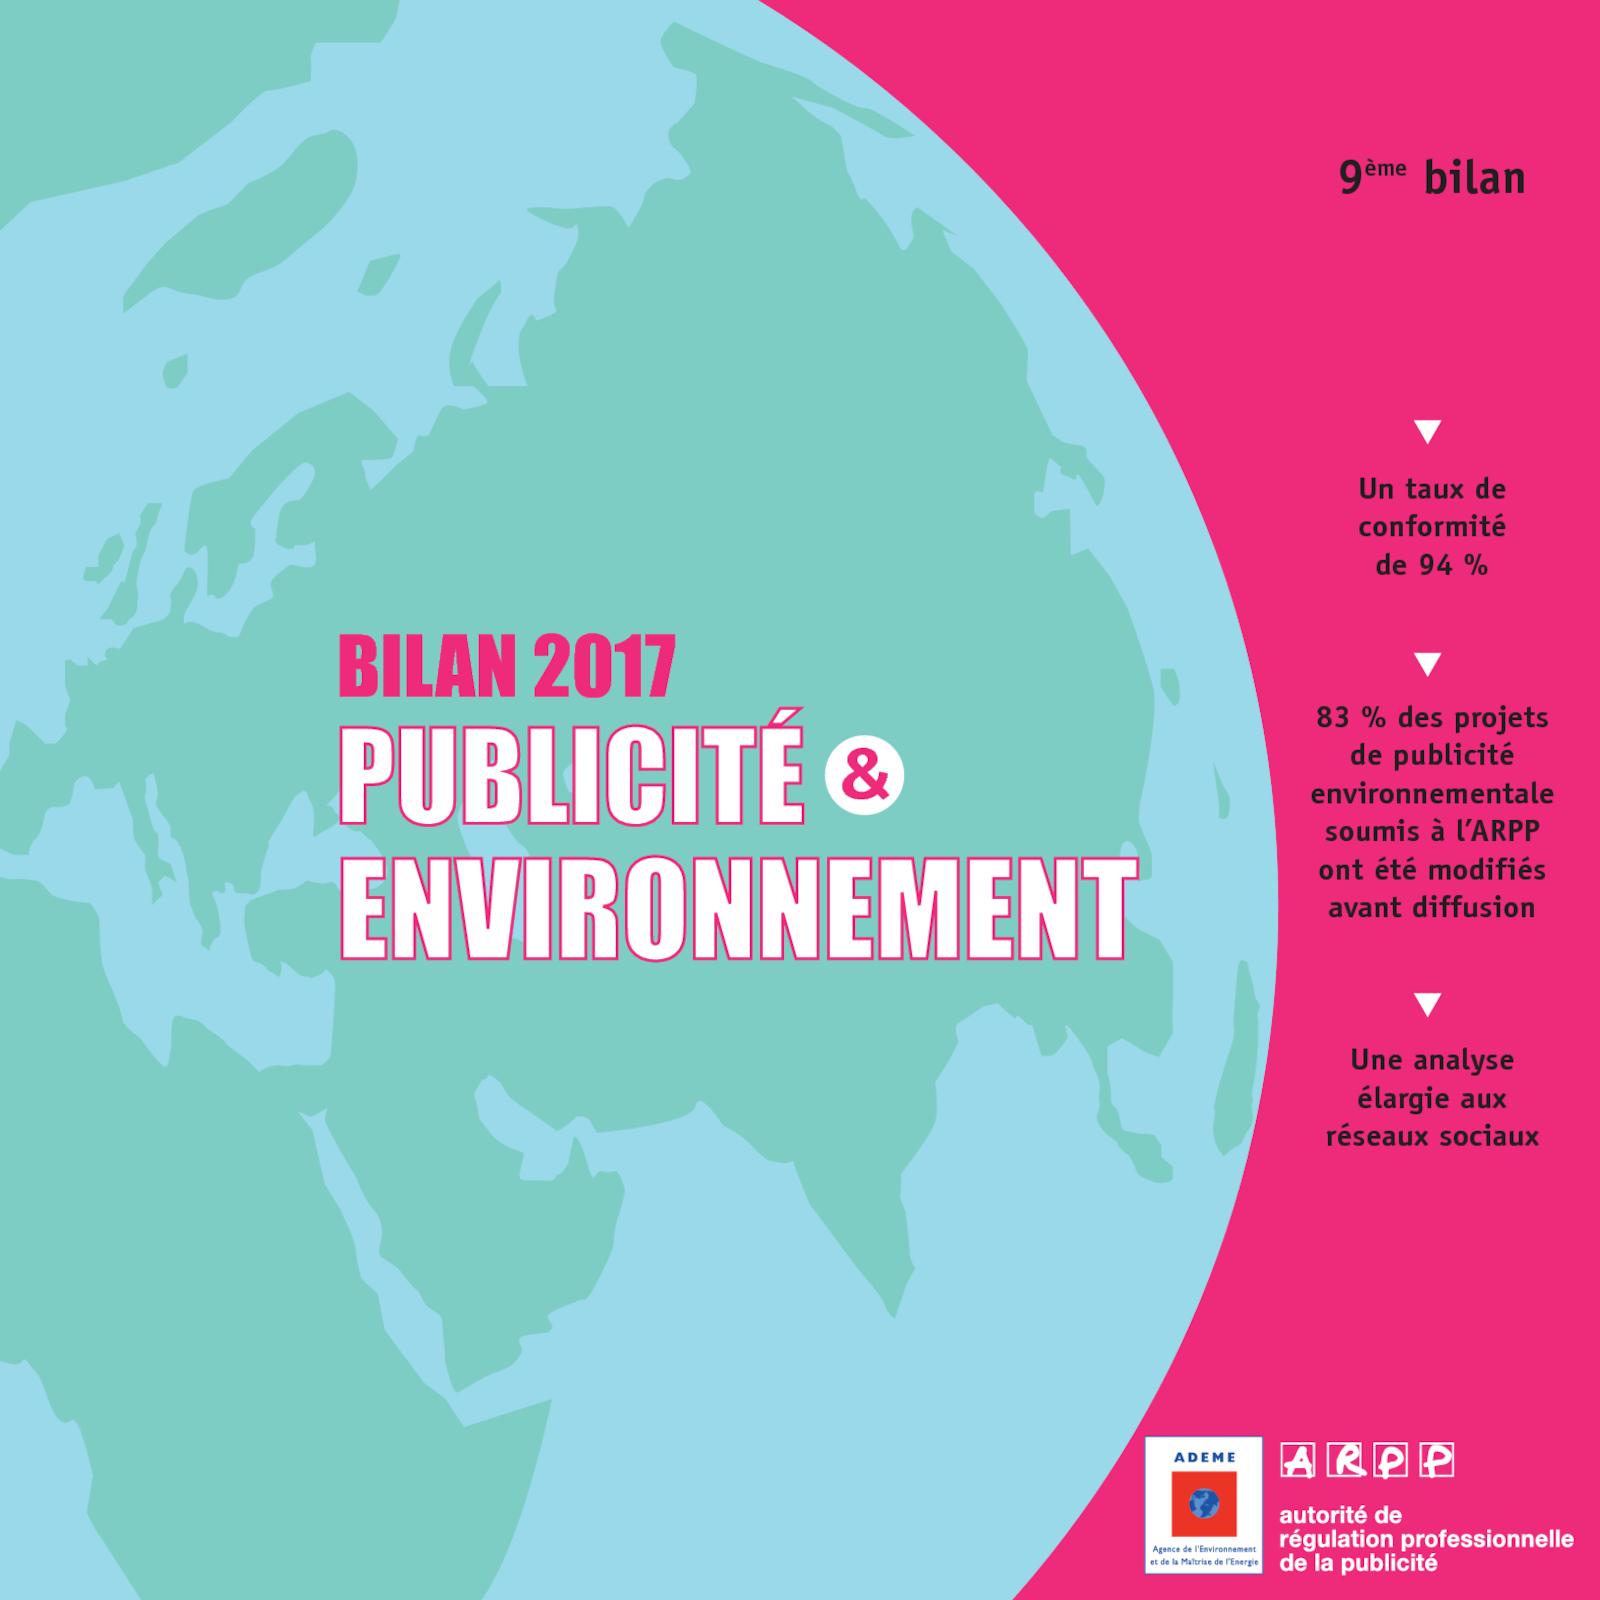 Bilan publicité et environnement 2017